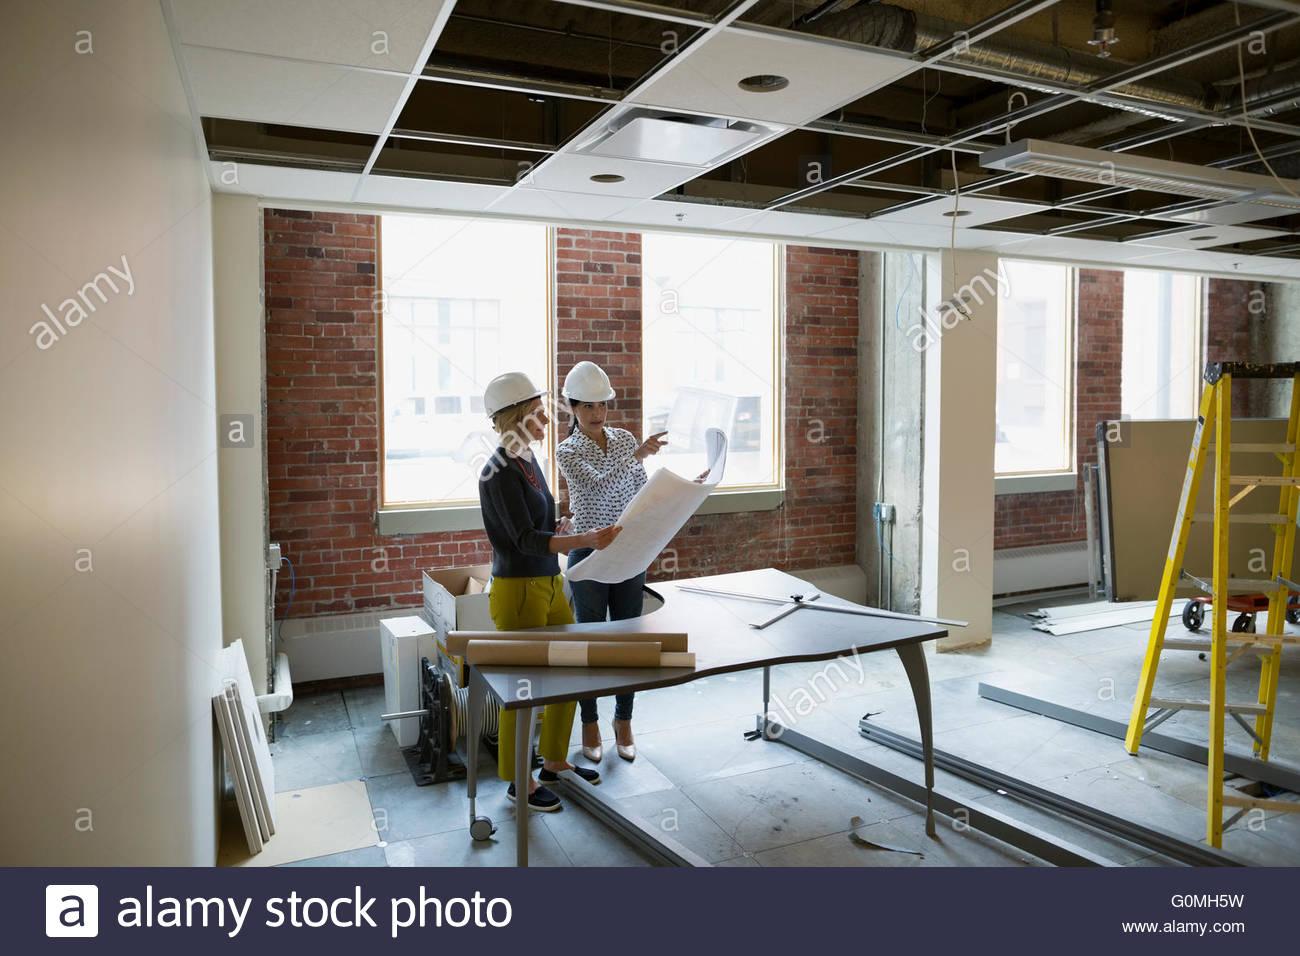 Architetto e ingegnere discutendo blueprint office sito in costruzione Immagini Stock